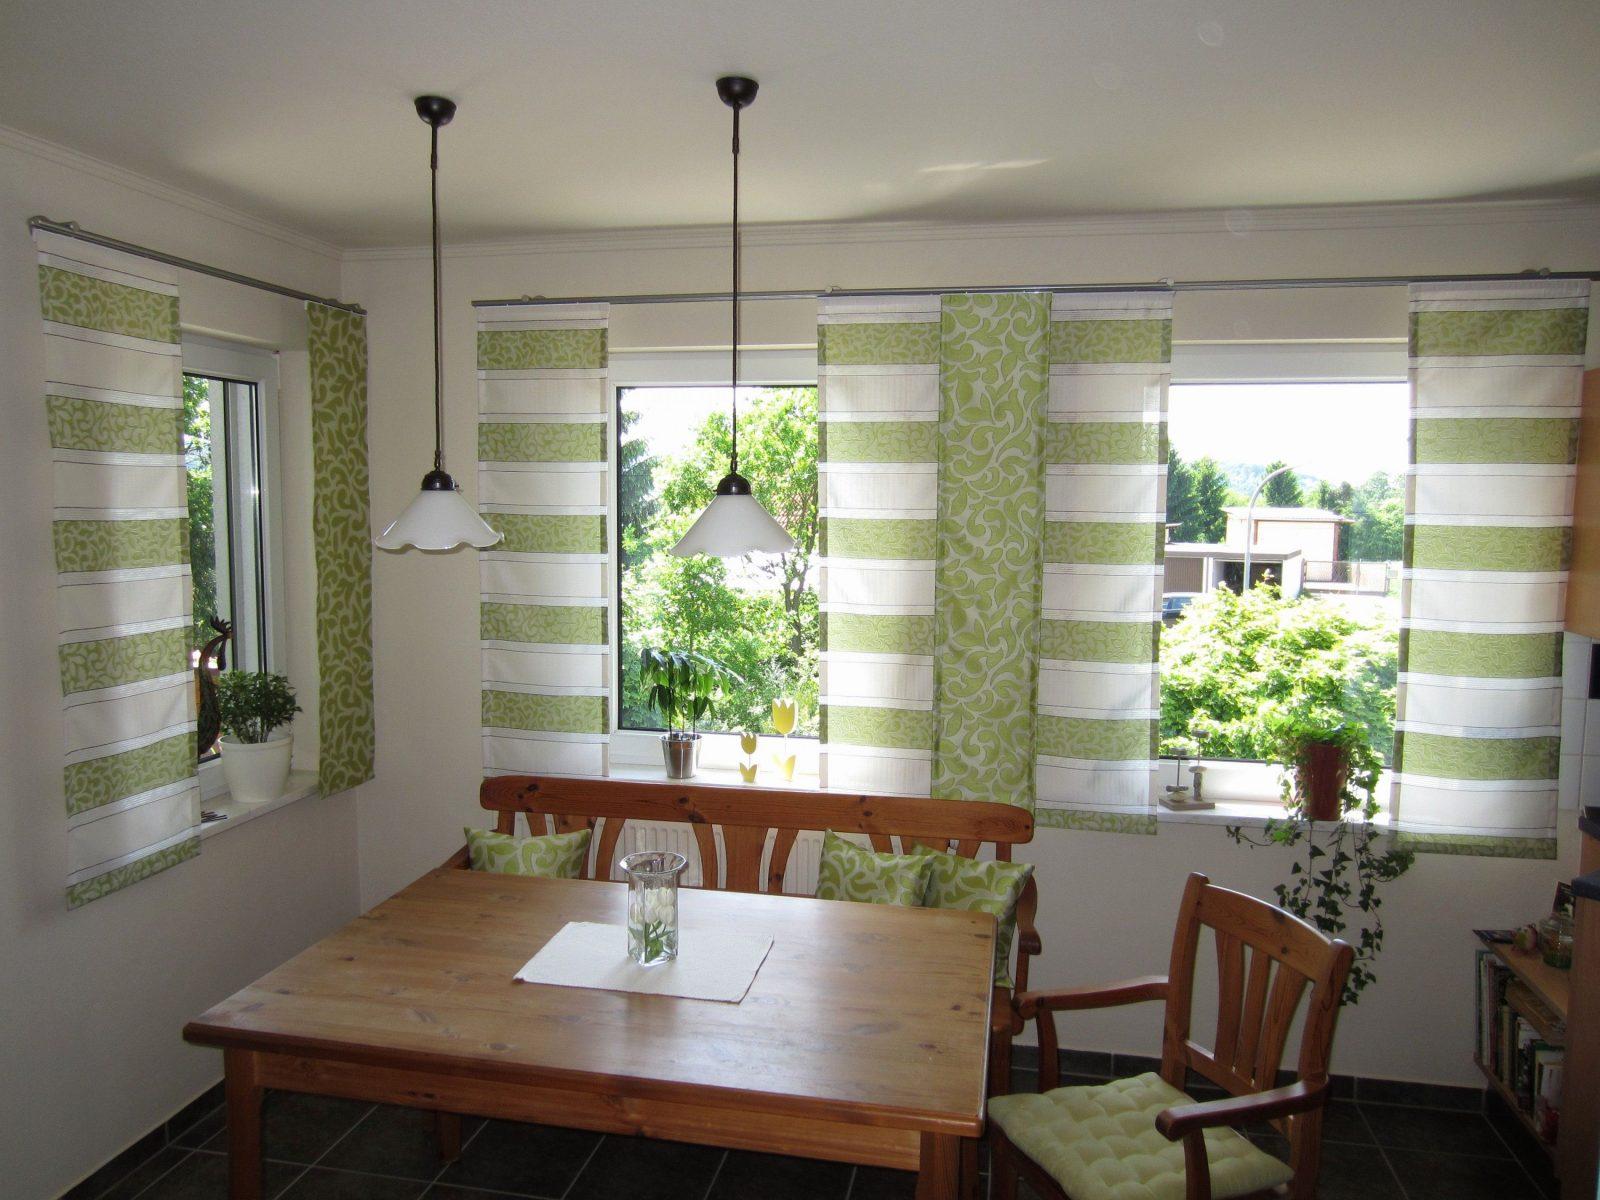 Moderne Küchen Gardinen | Gardinen Für Küche